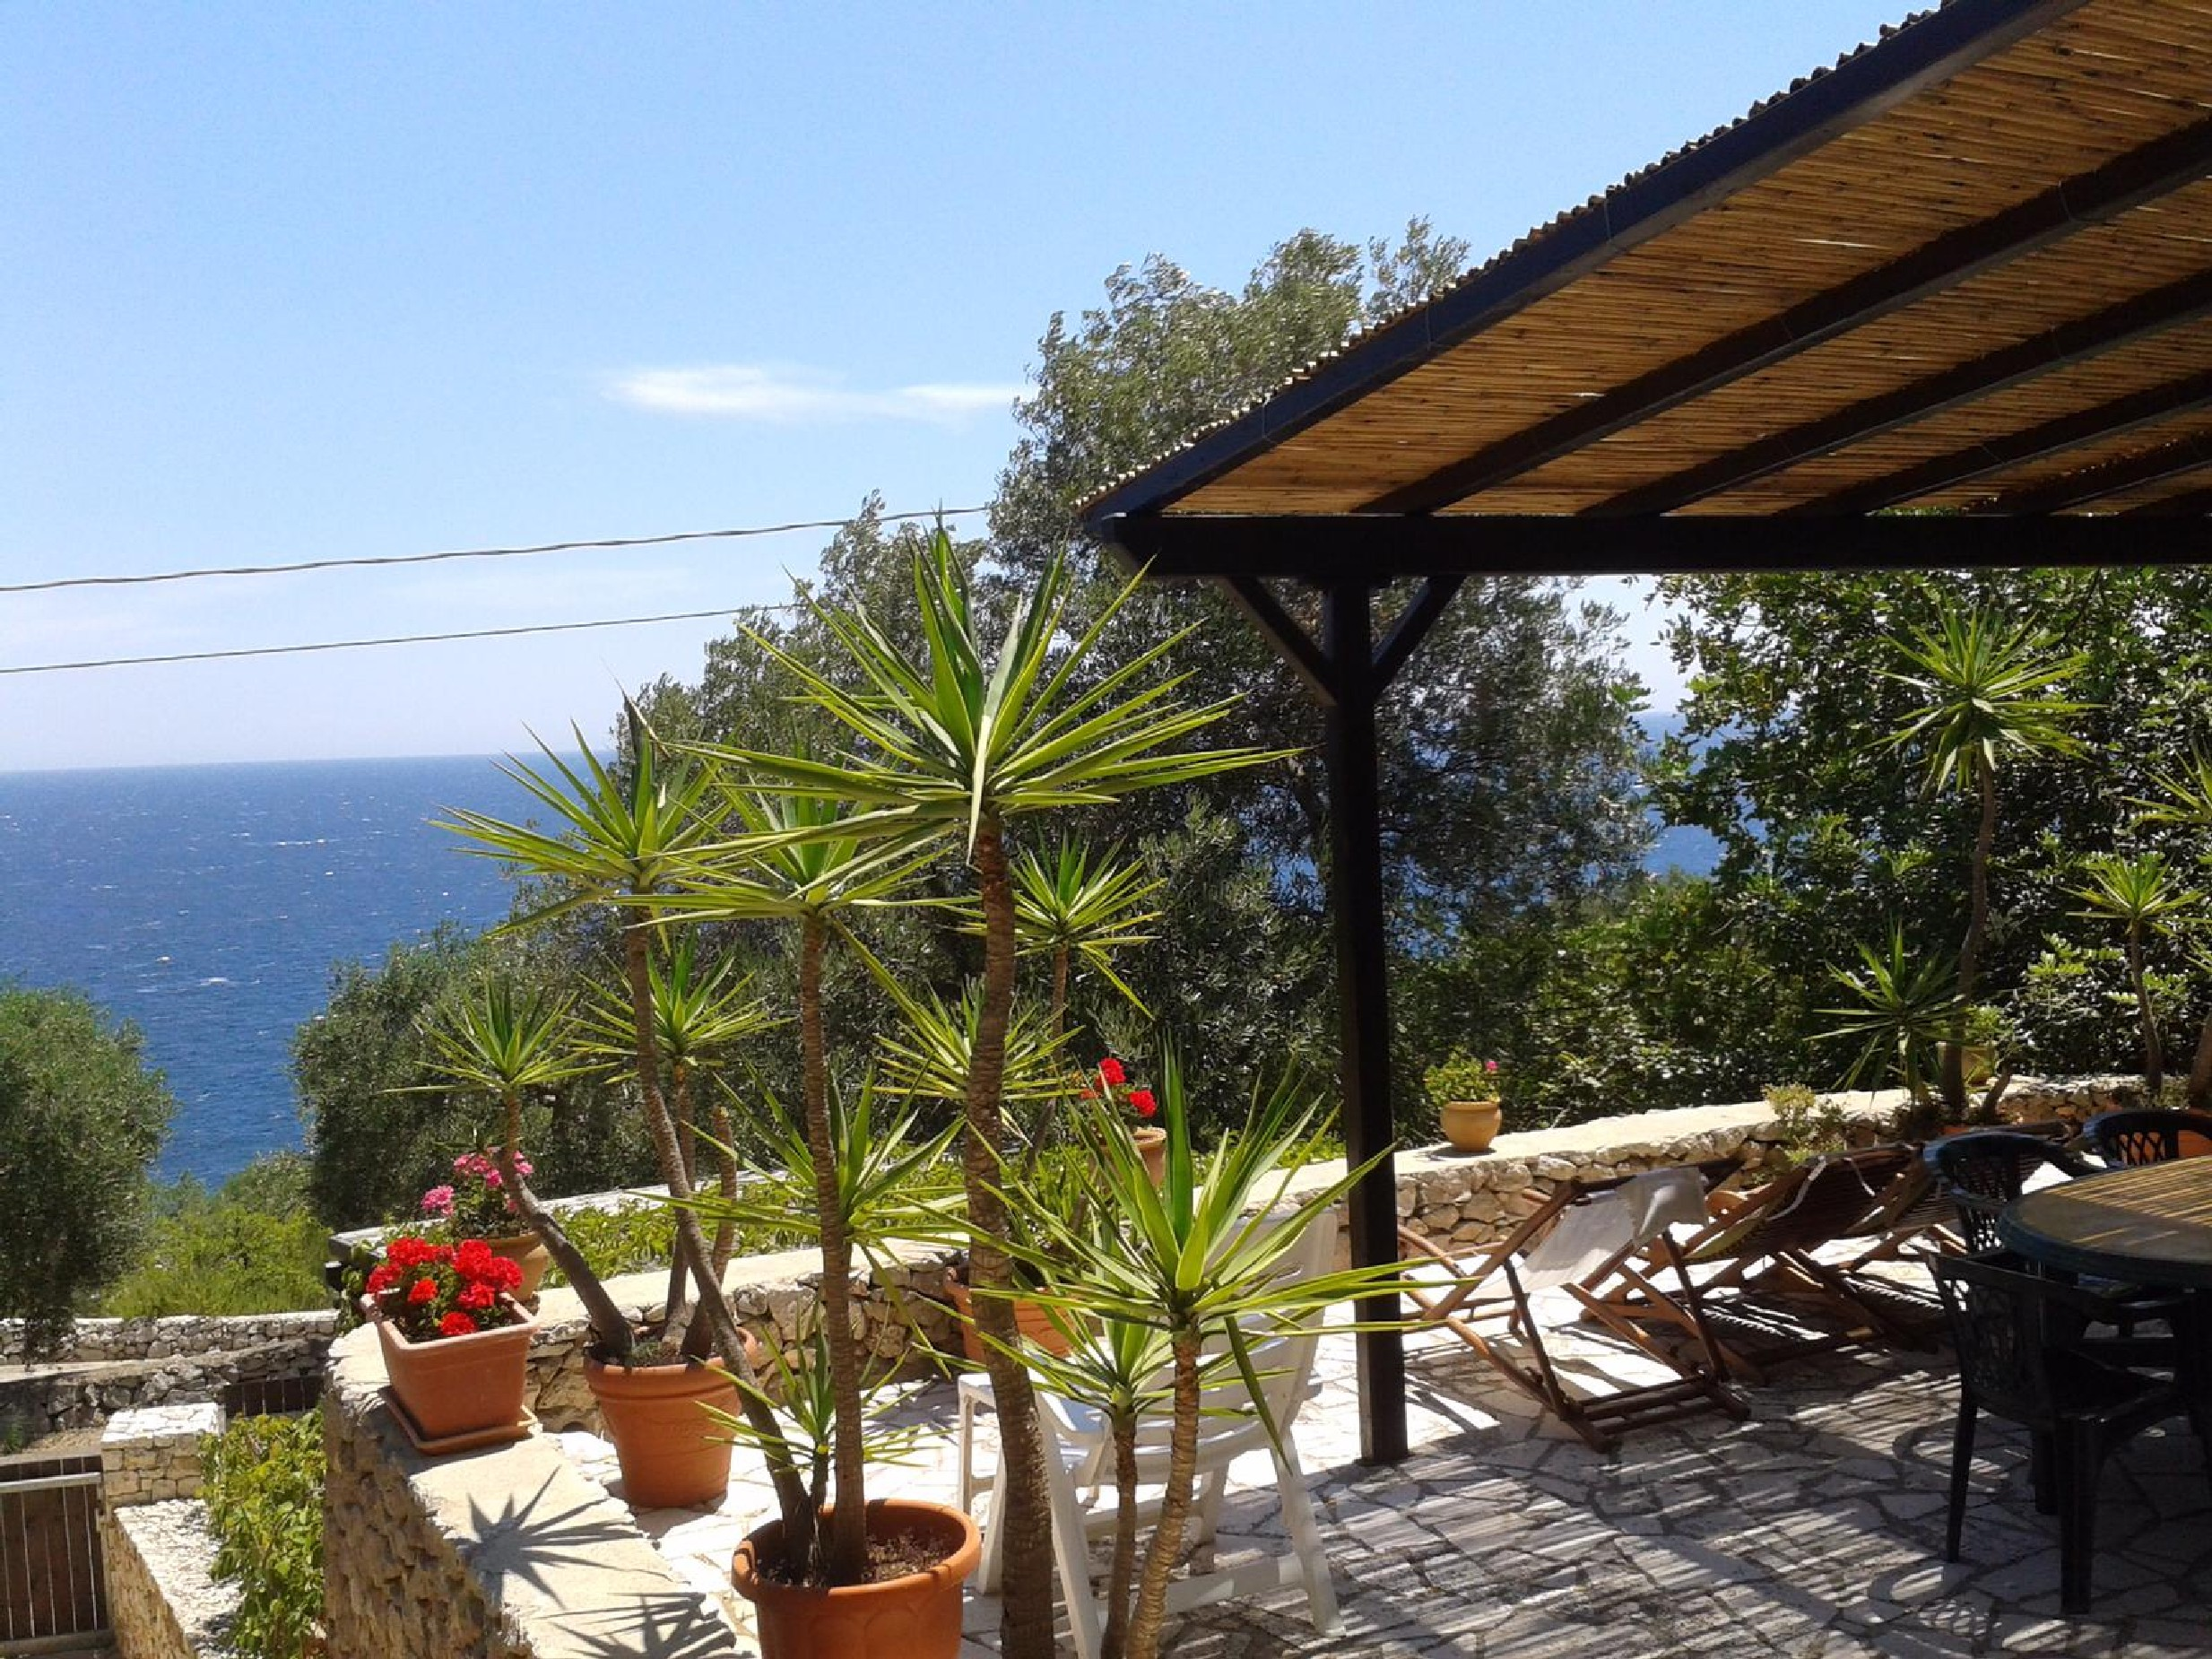 Mirto Sopra - casa in pietra sul mare photo 21137357